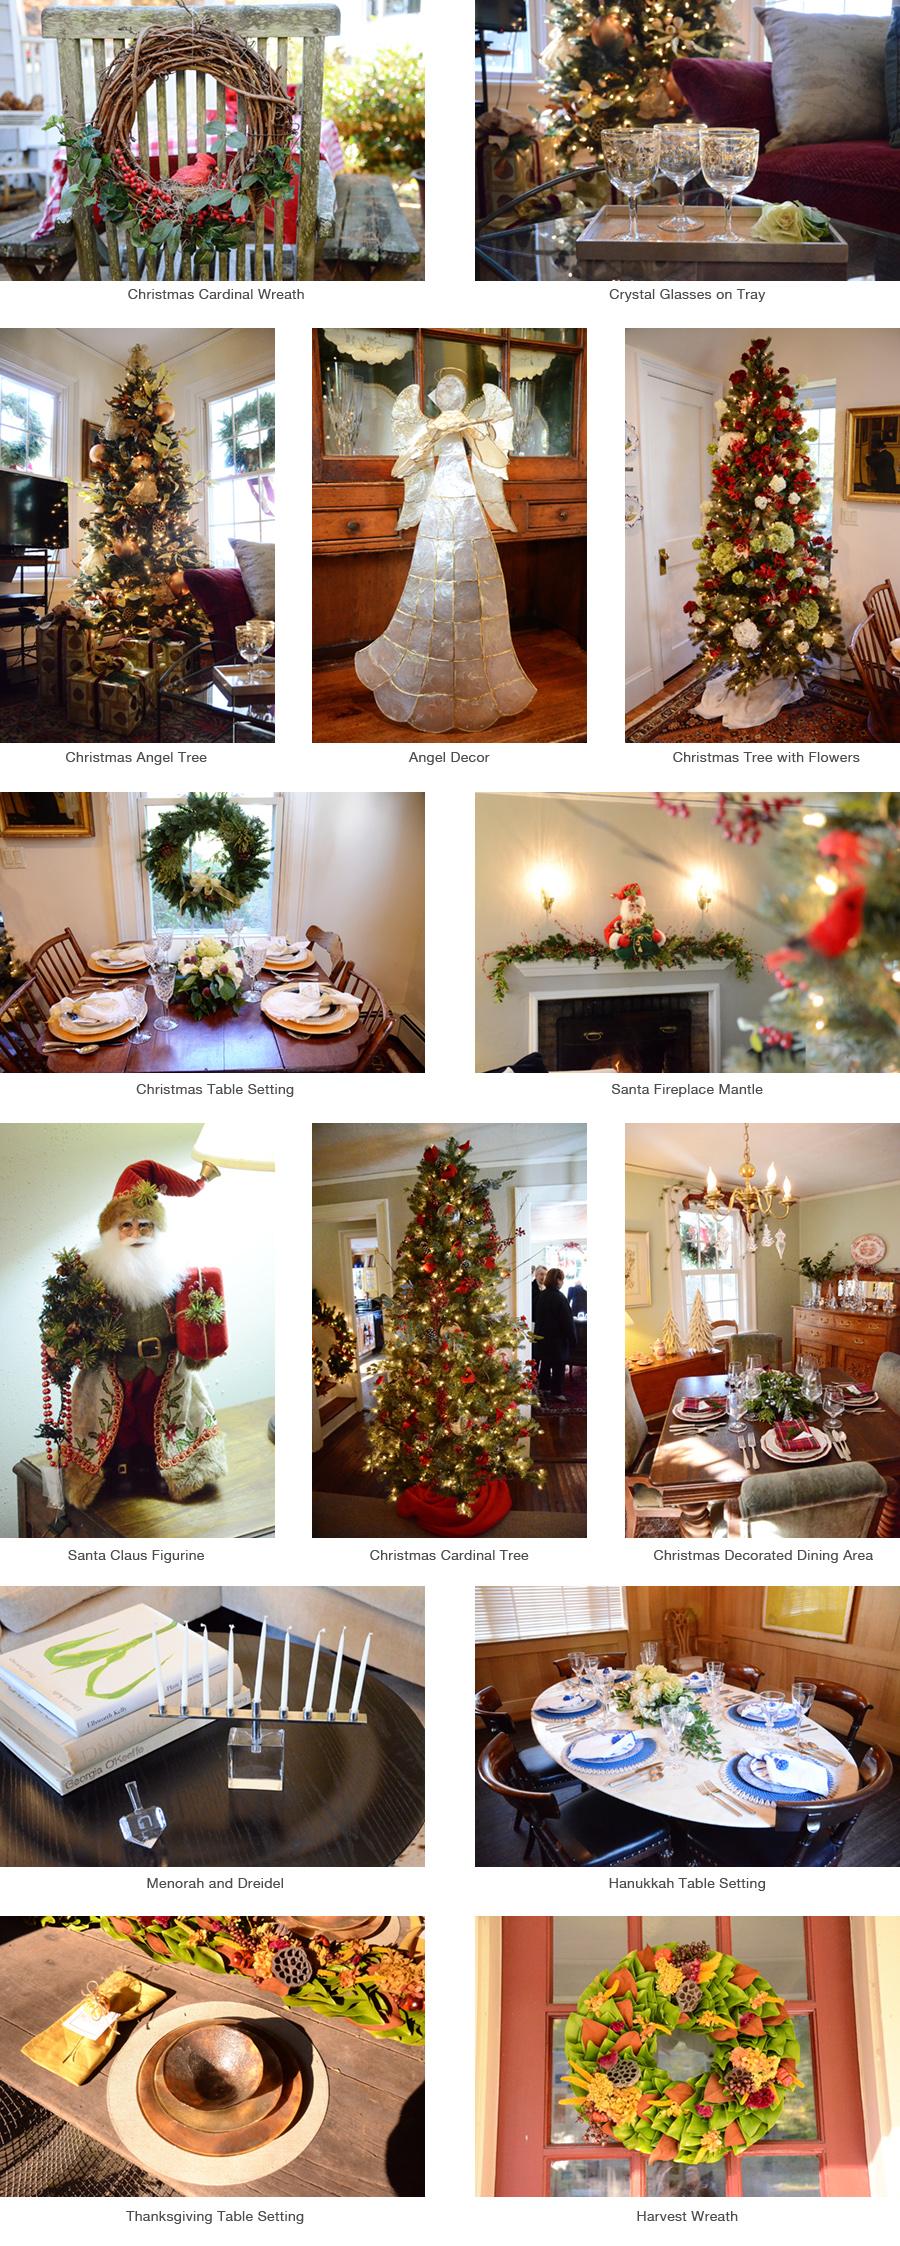 festivestrollpics.jpg